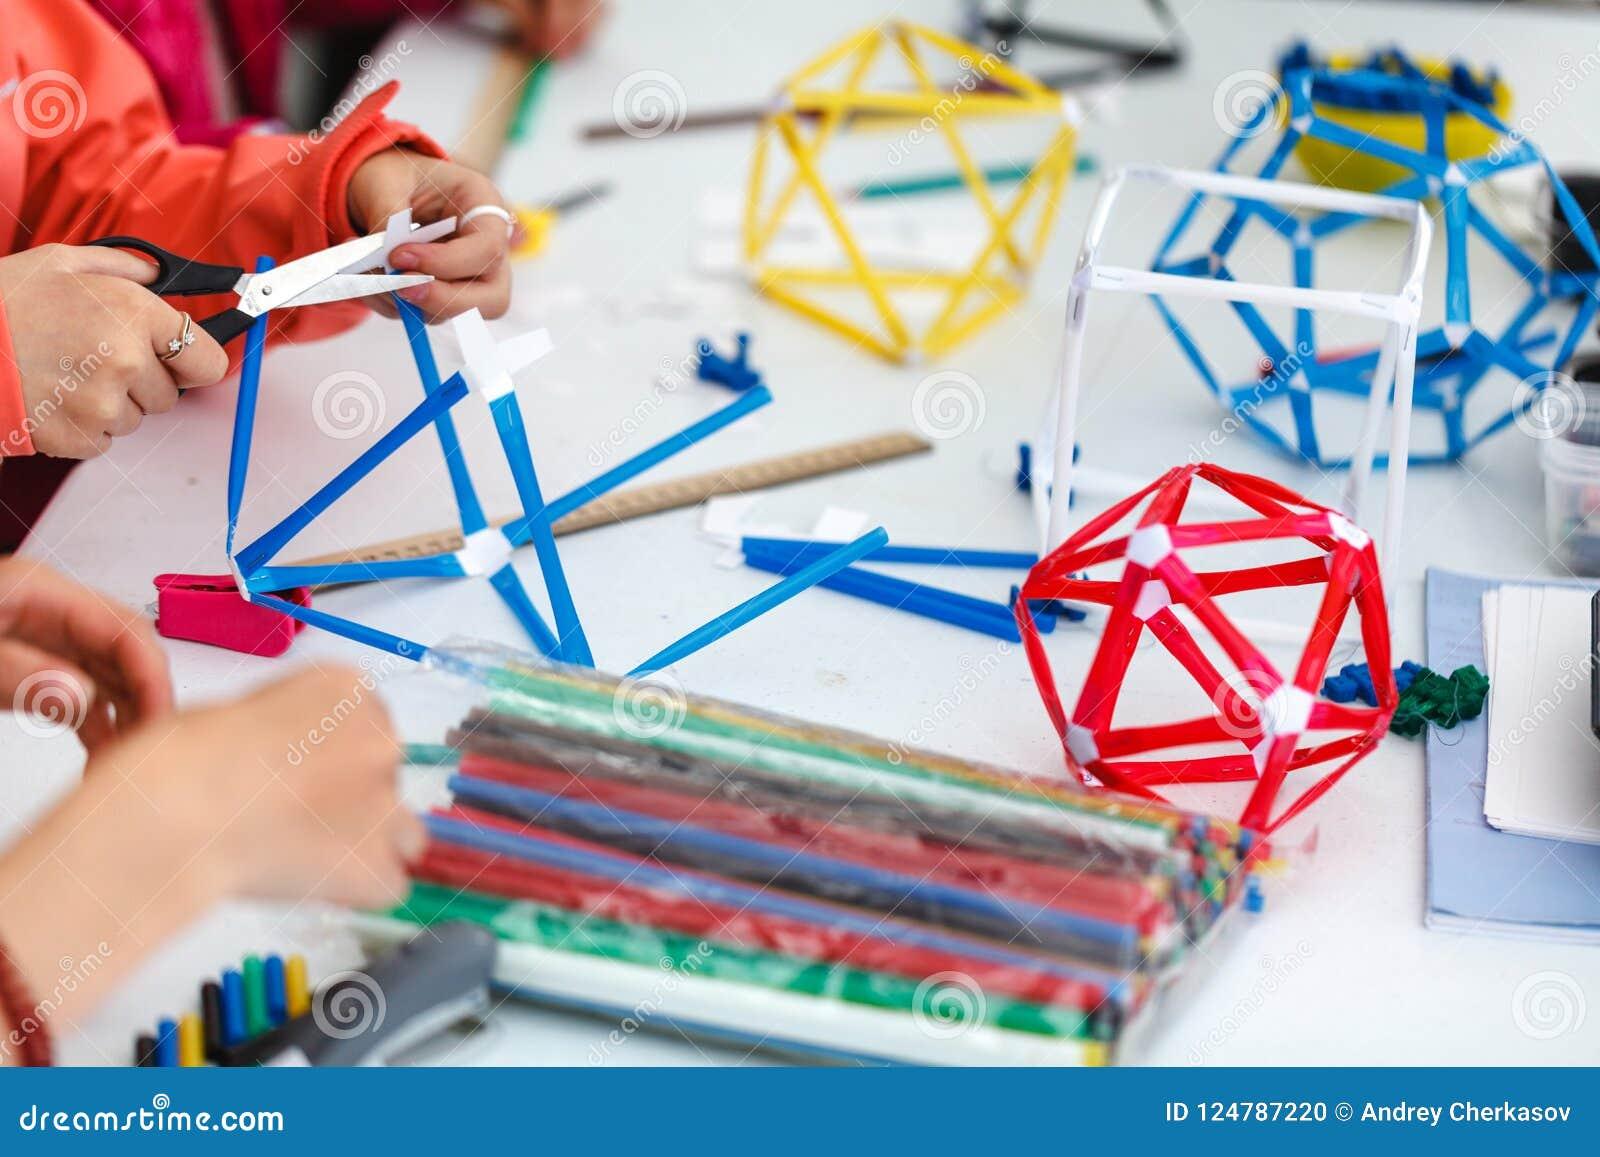 Boîtes colorées avec les bandes de papier, les inventions et la créativité pour c